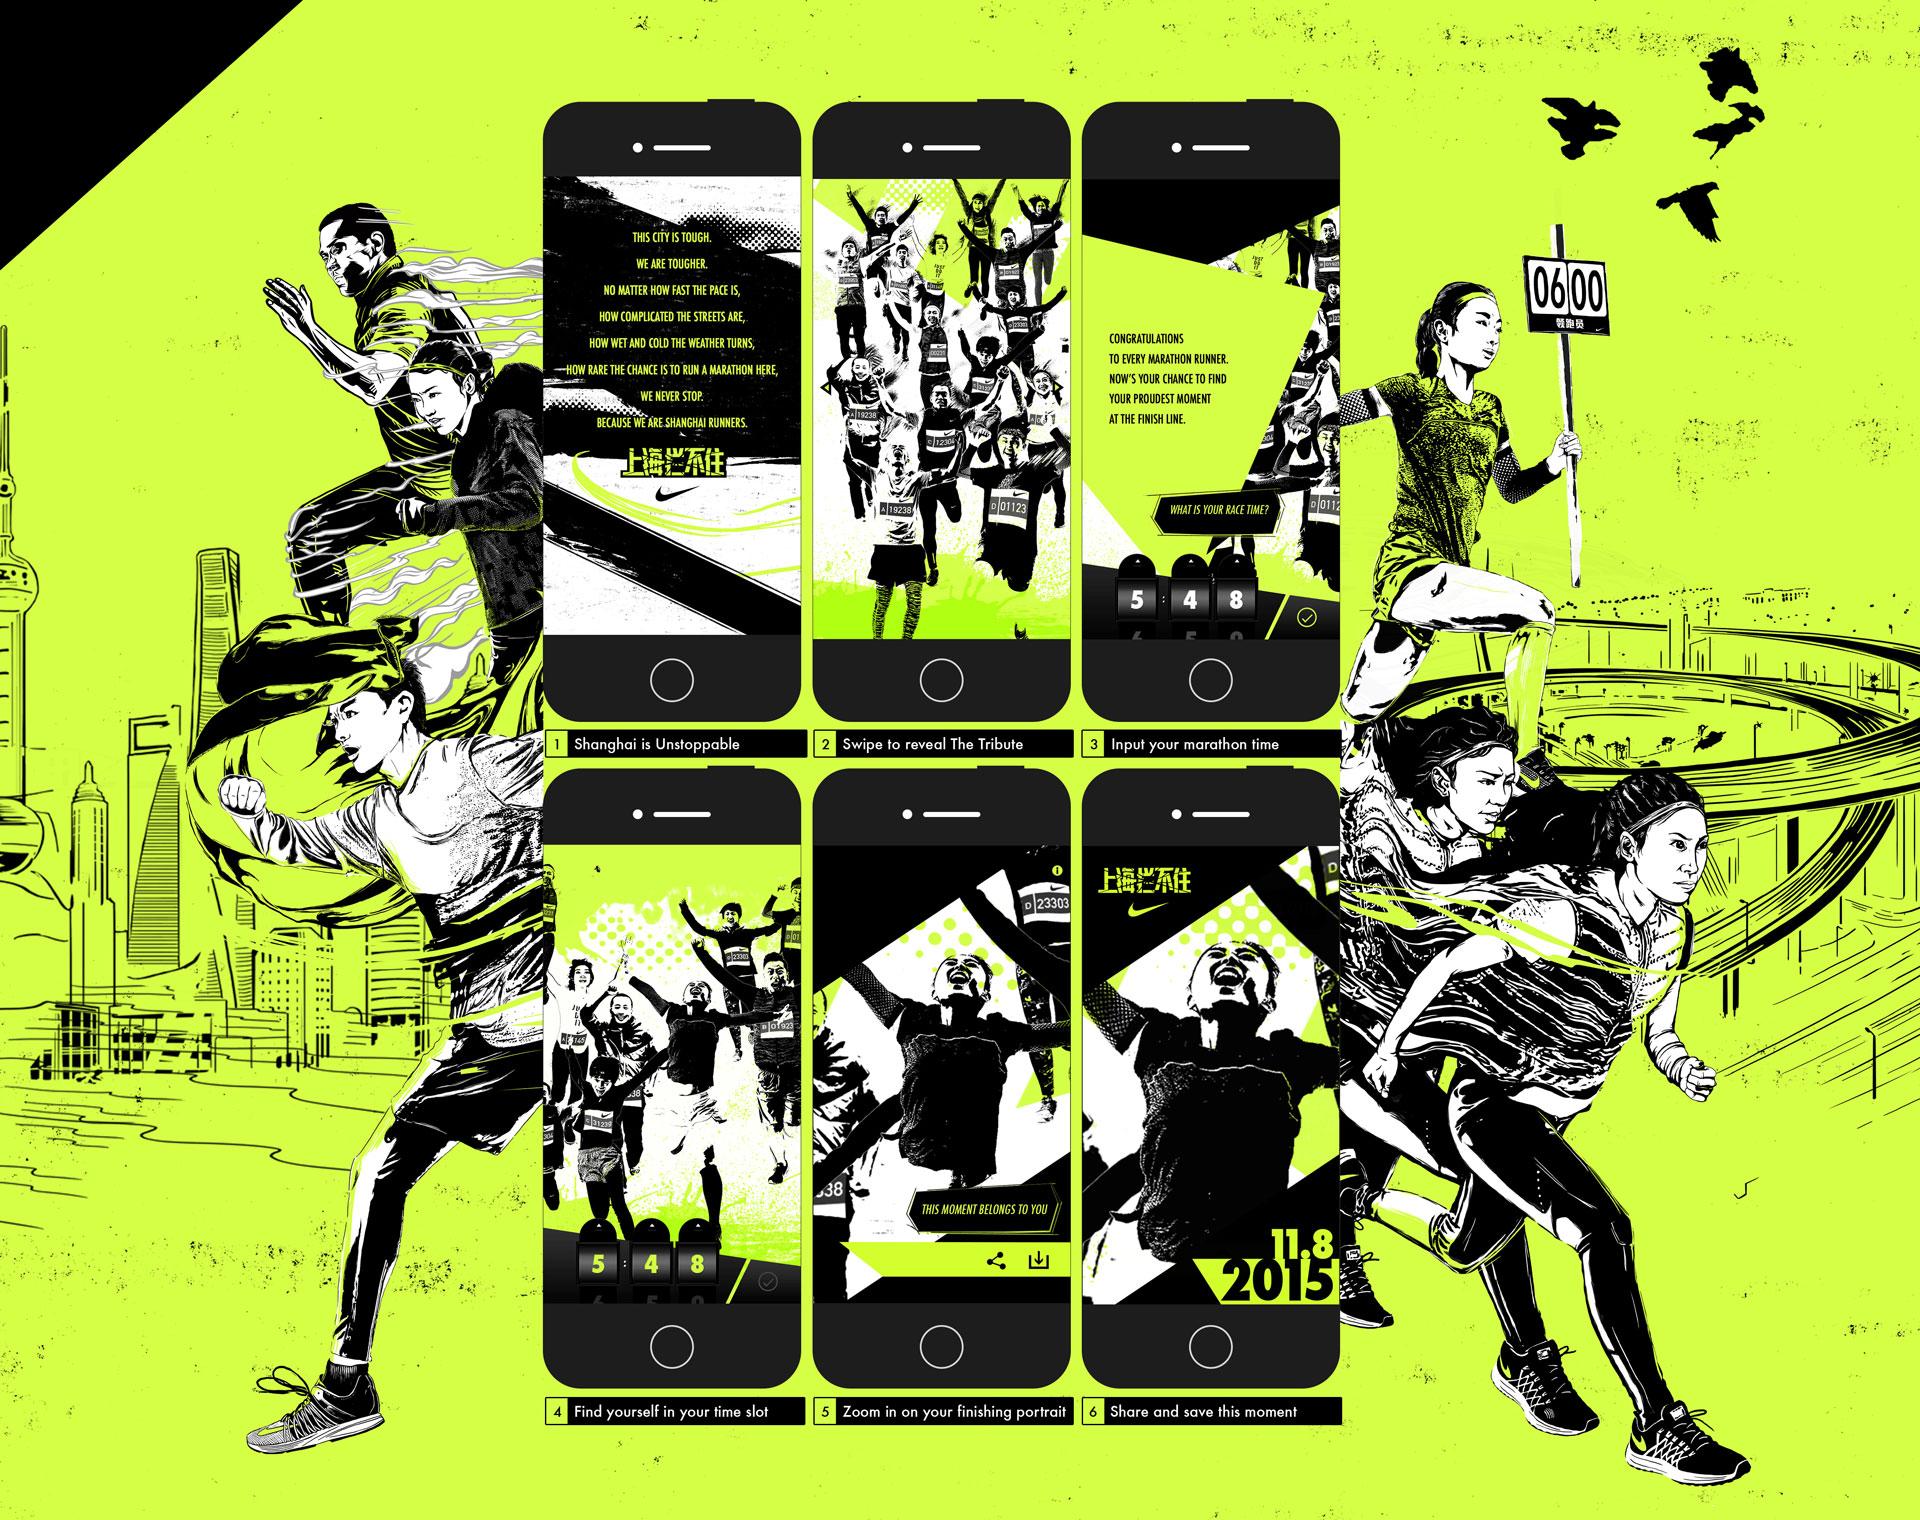 Marula_Nike_Tribute_Board_1